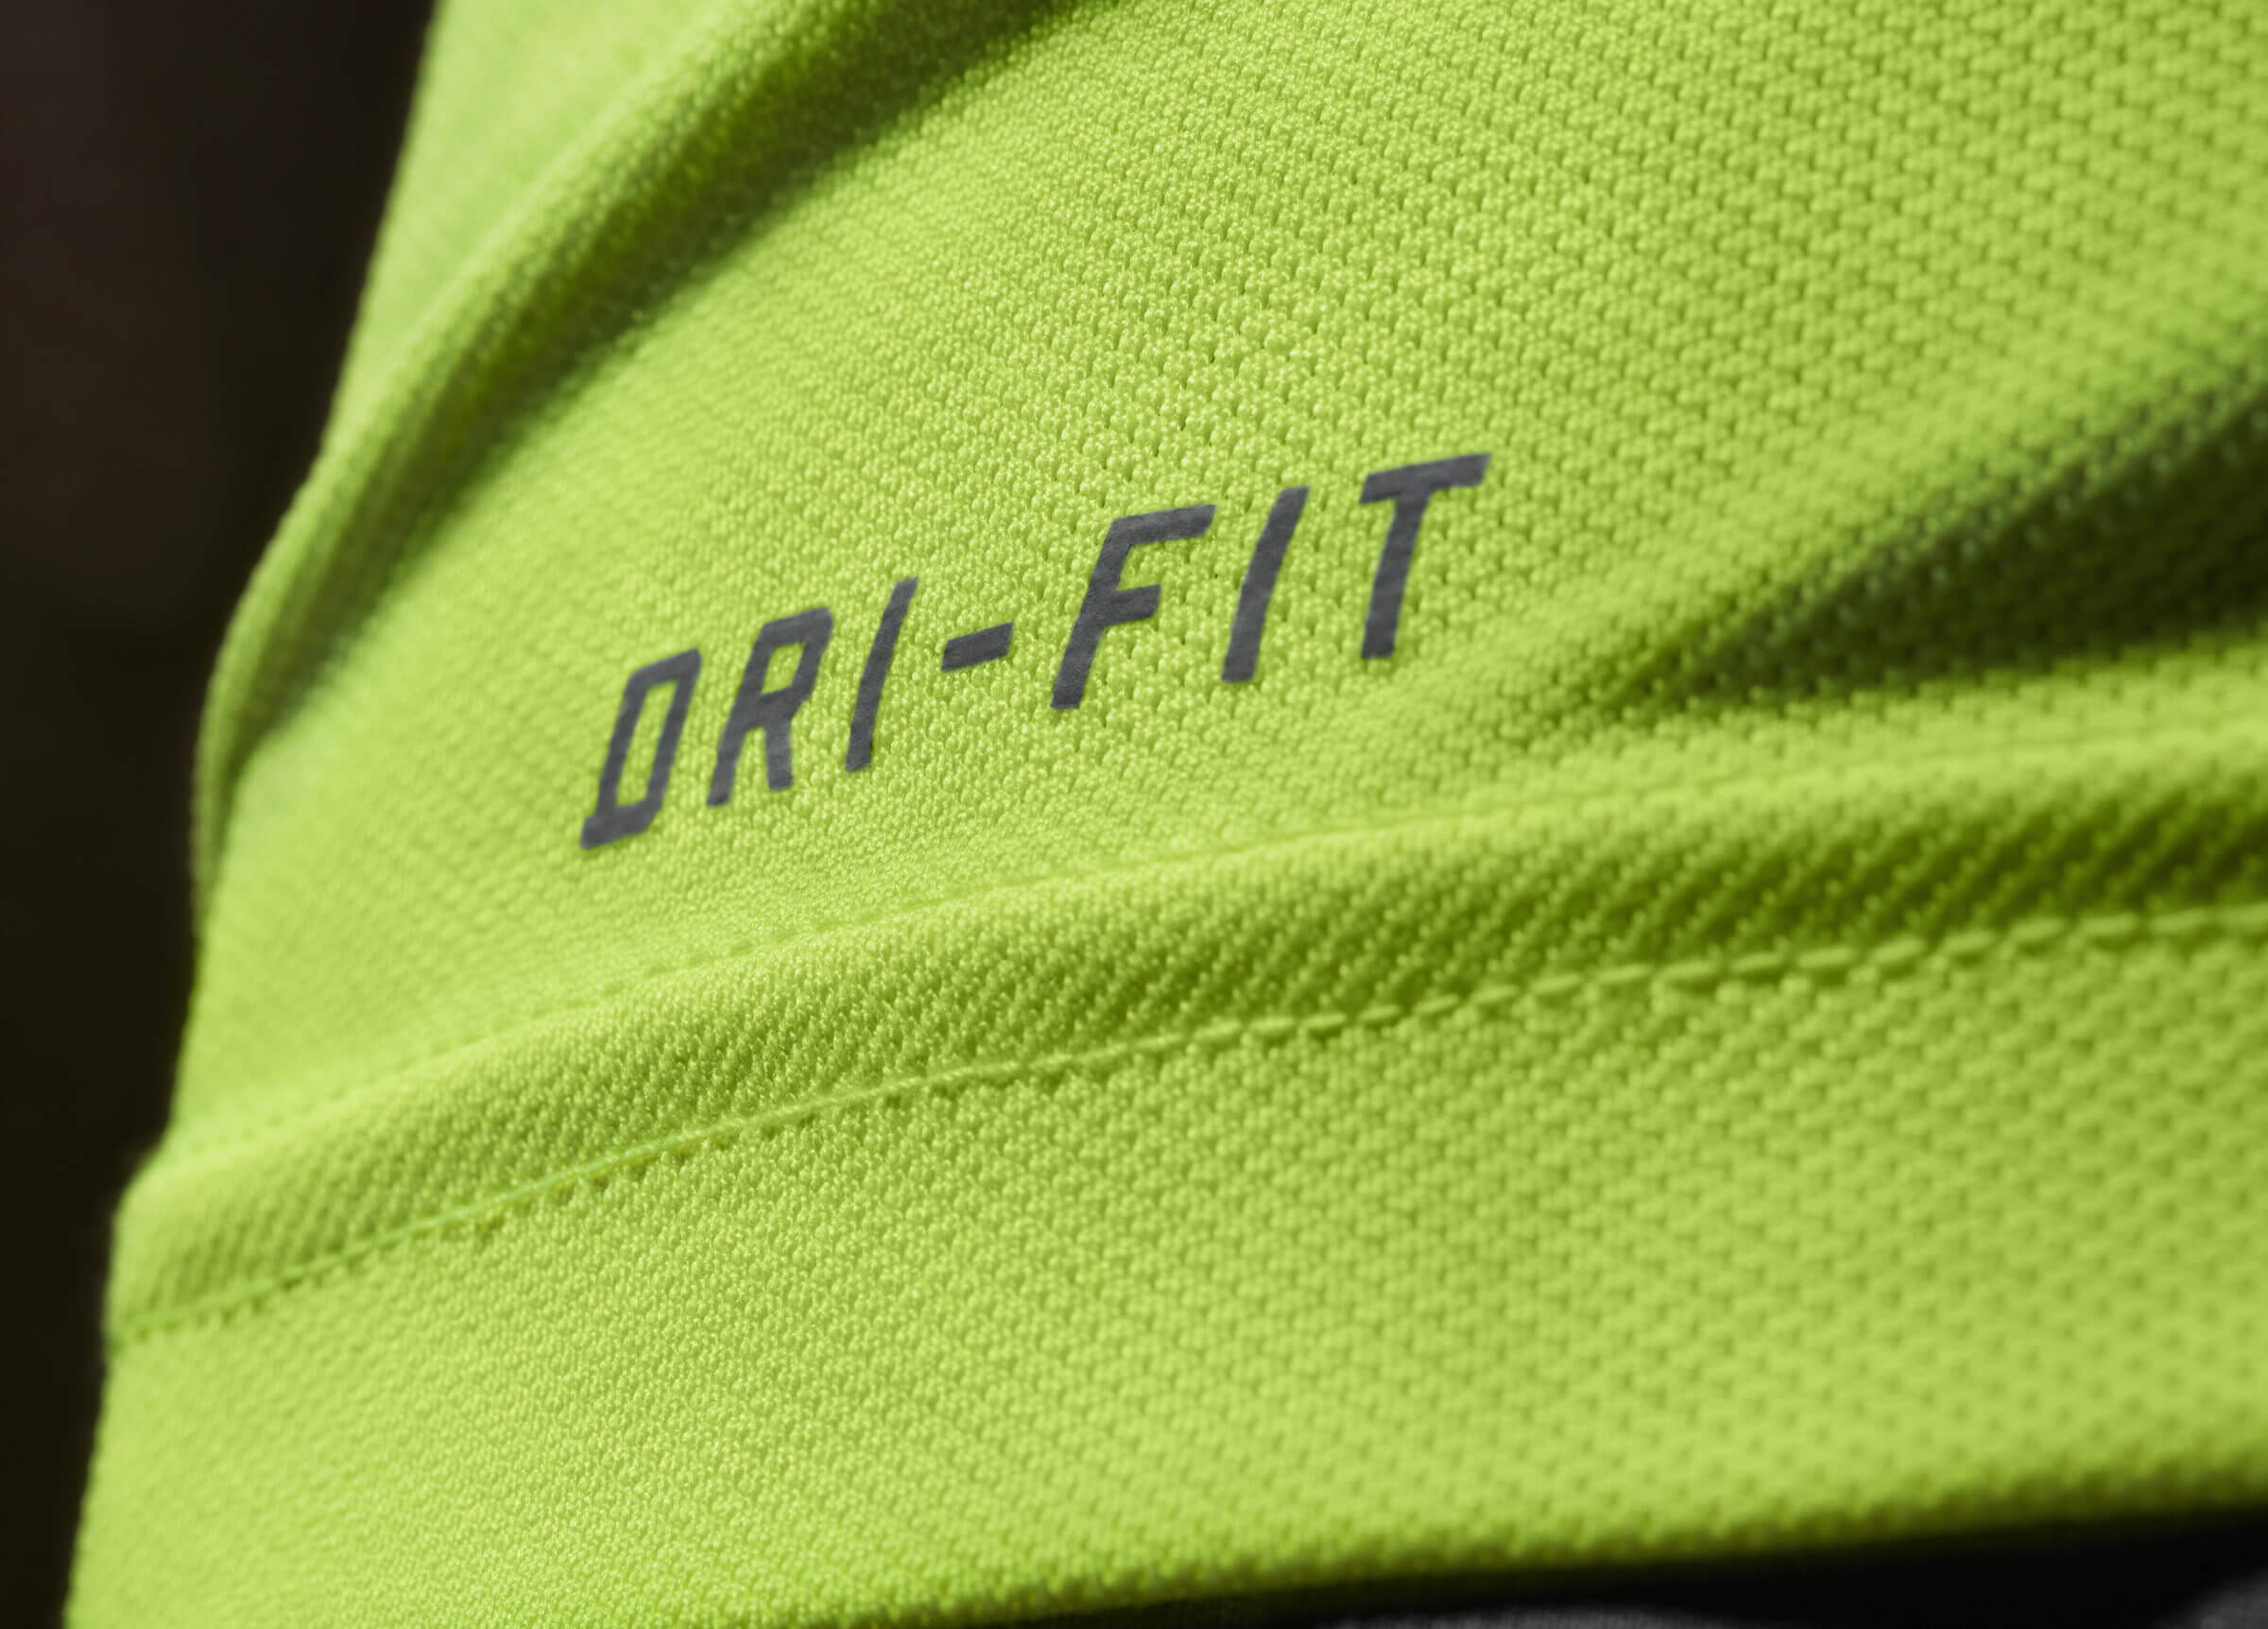 Bahan Dri-fit-buat jersey futsal desain sendiri